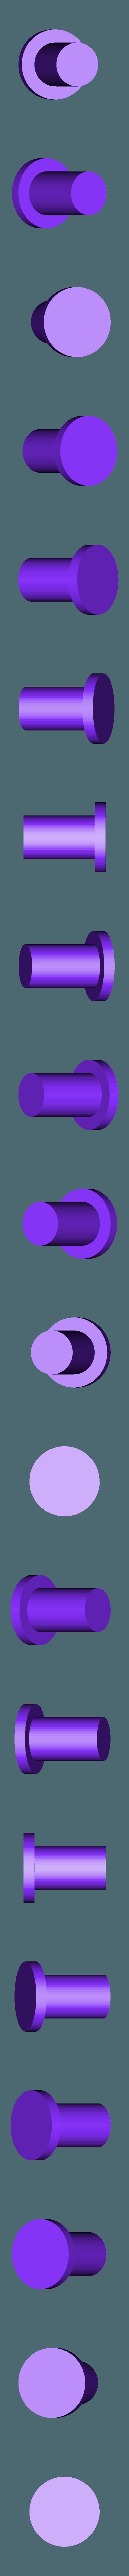 itsy-reset.stl Télécharger fichier STL gratuit Collier de coeur NeoPixel LED • Plan imprimable en 3D, Adafruit